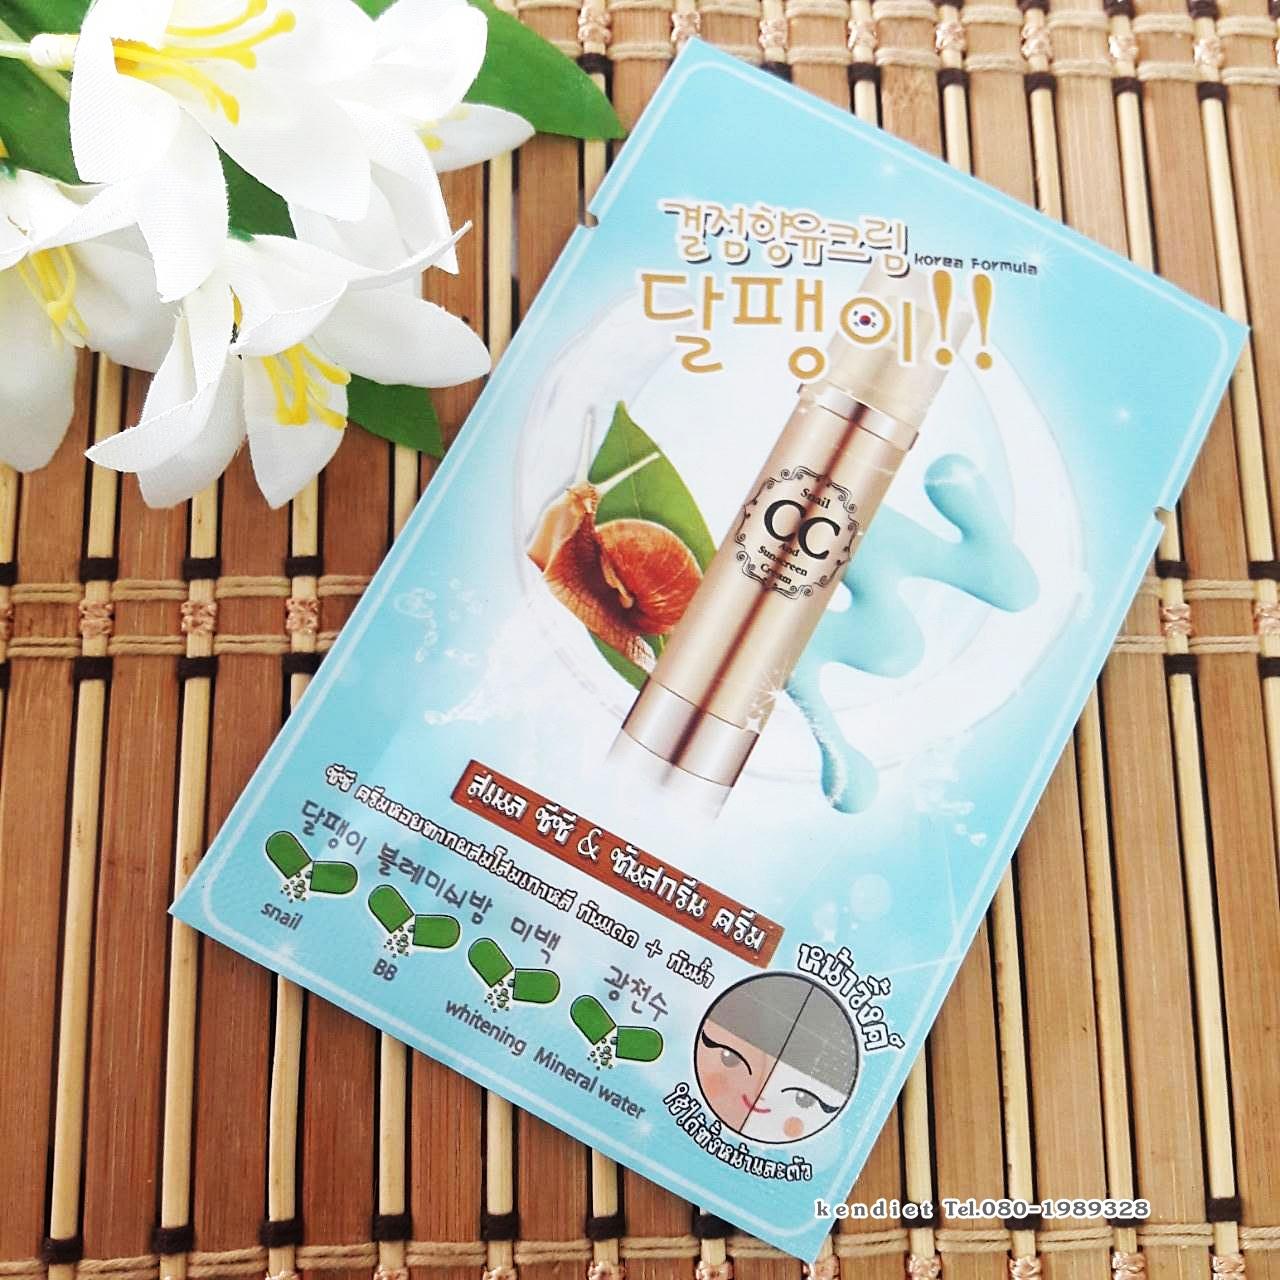 Fuji snail cc and sunscreen cream ฟูจิสเนลซีซีแอนด์ซันสกรีนครีม 160 บาท